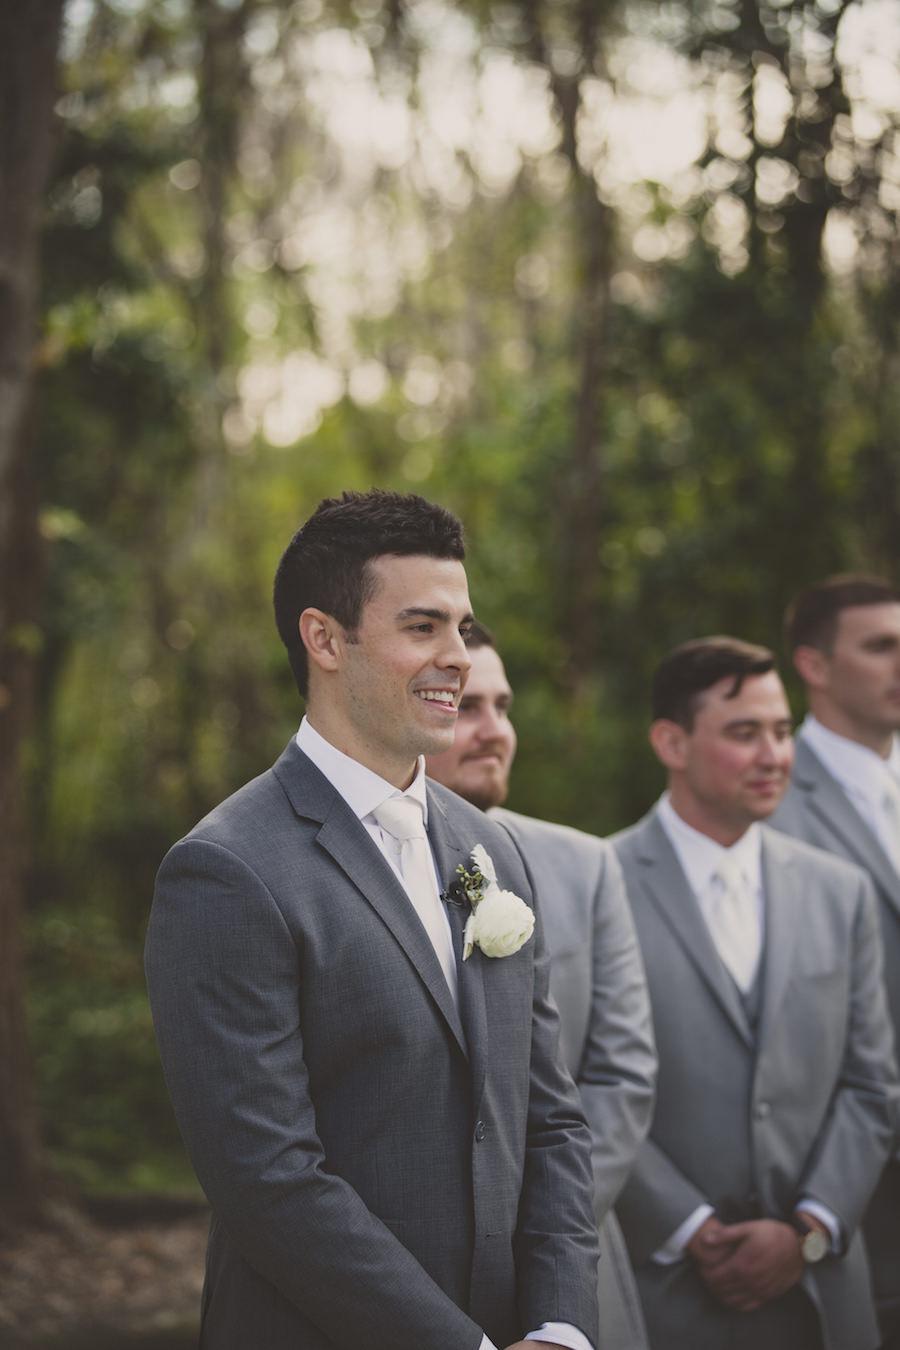 Groom Seeing Bride Walking Down The Aisle Wedding Portrait